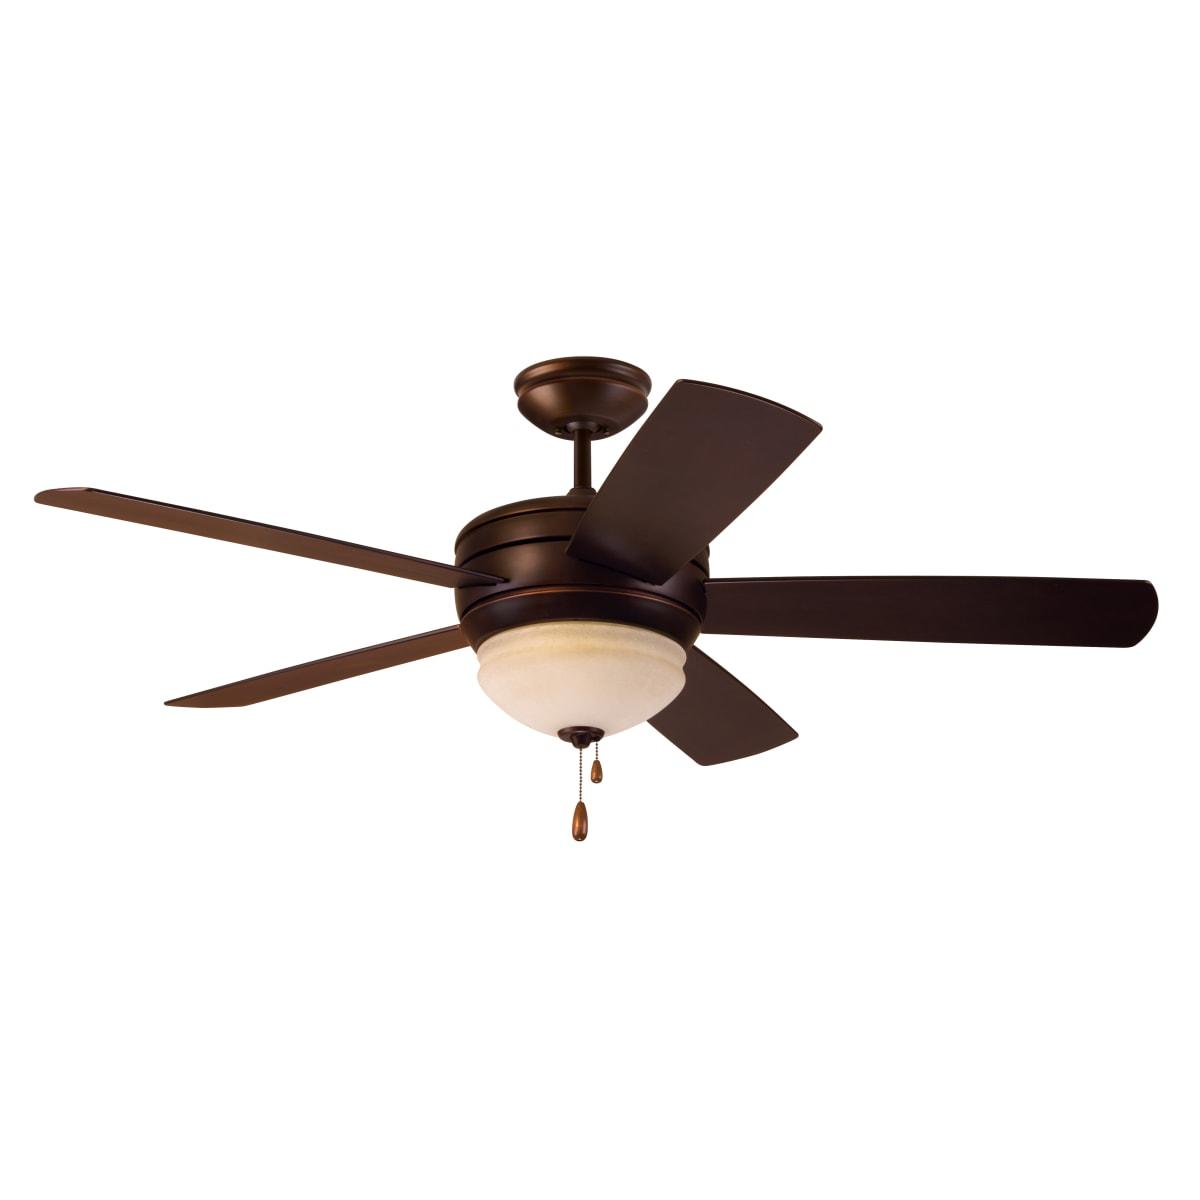 Emerson Cf850vnb Venetian Bronze Summerhaven 52 5 Blade Indoor Outdoor Ceiling Fan Light Kit Included Lightingshowplace Com